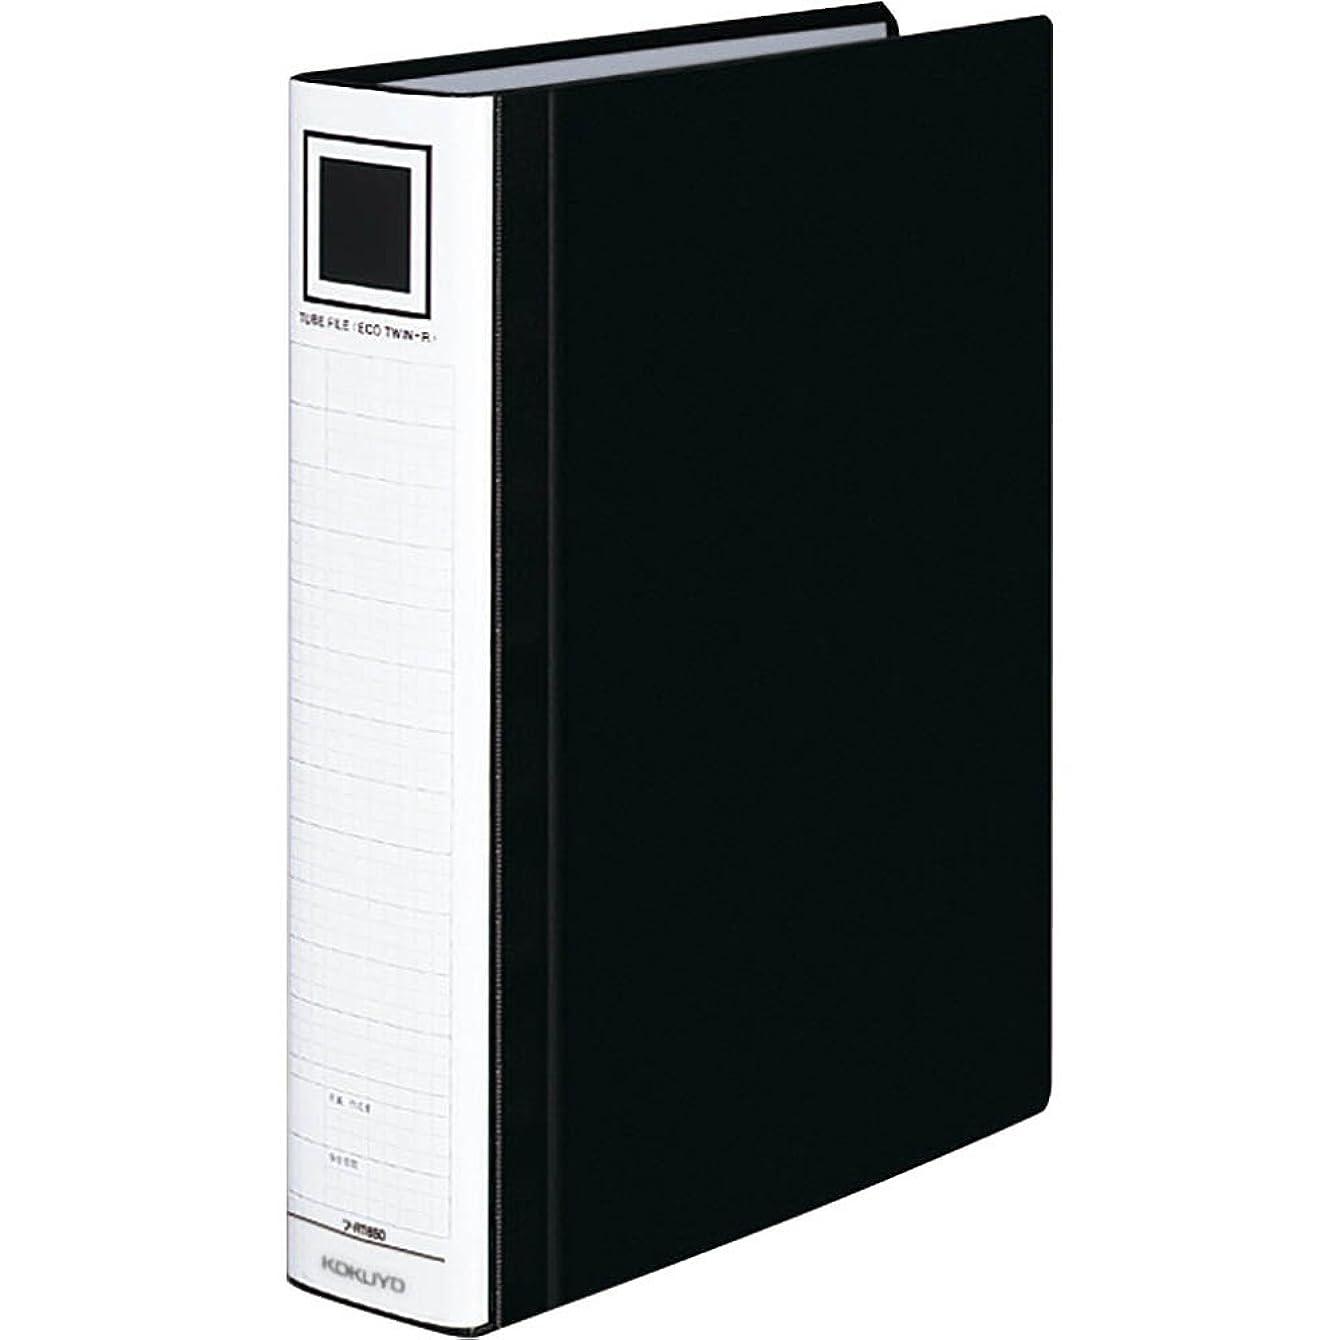 タヒチリス行商人コクヨ ファイル ポップリングファイル スリム PPシート表紙 A4 100枚収容 緑 フ-PS410G